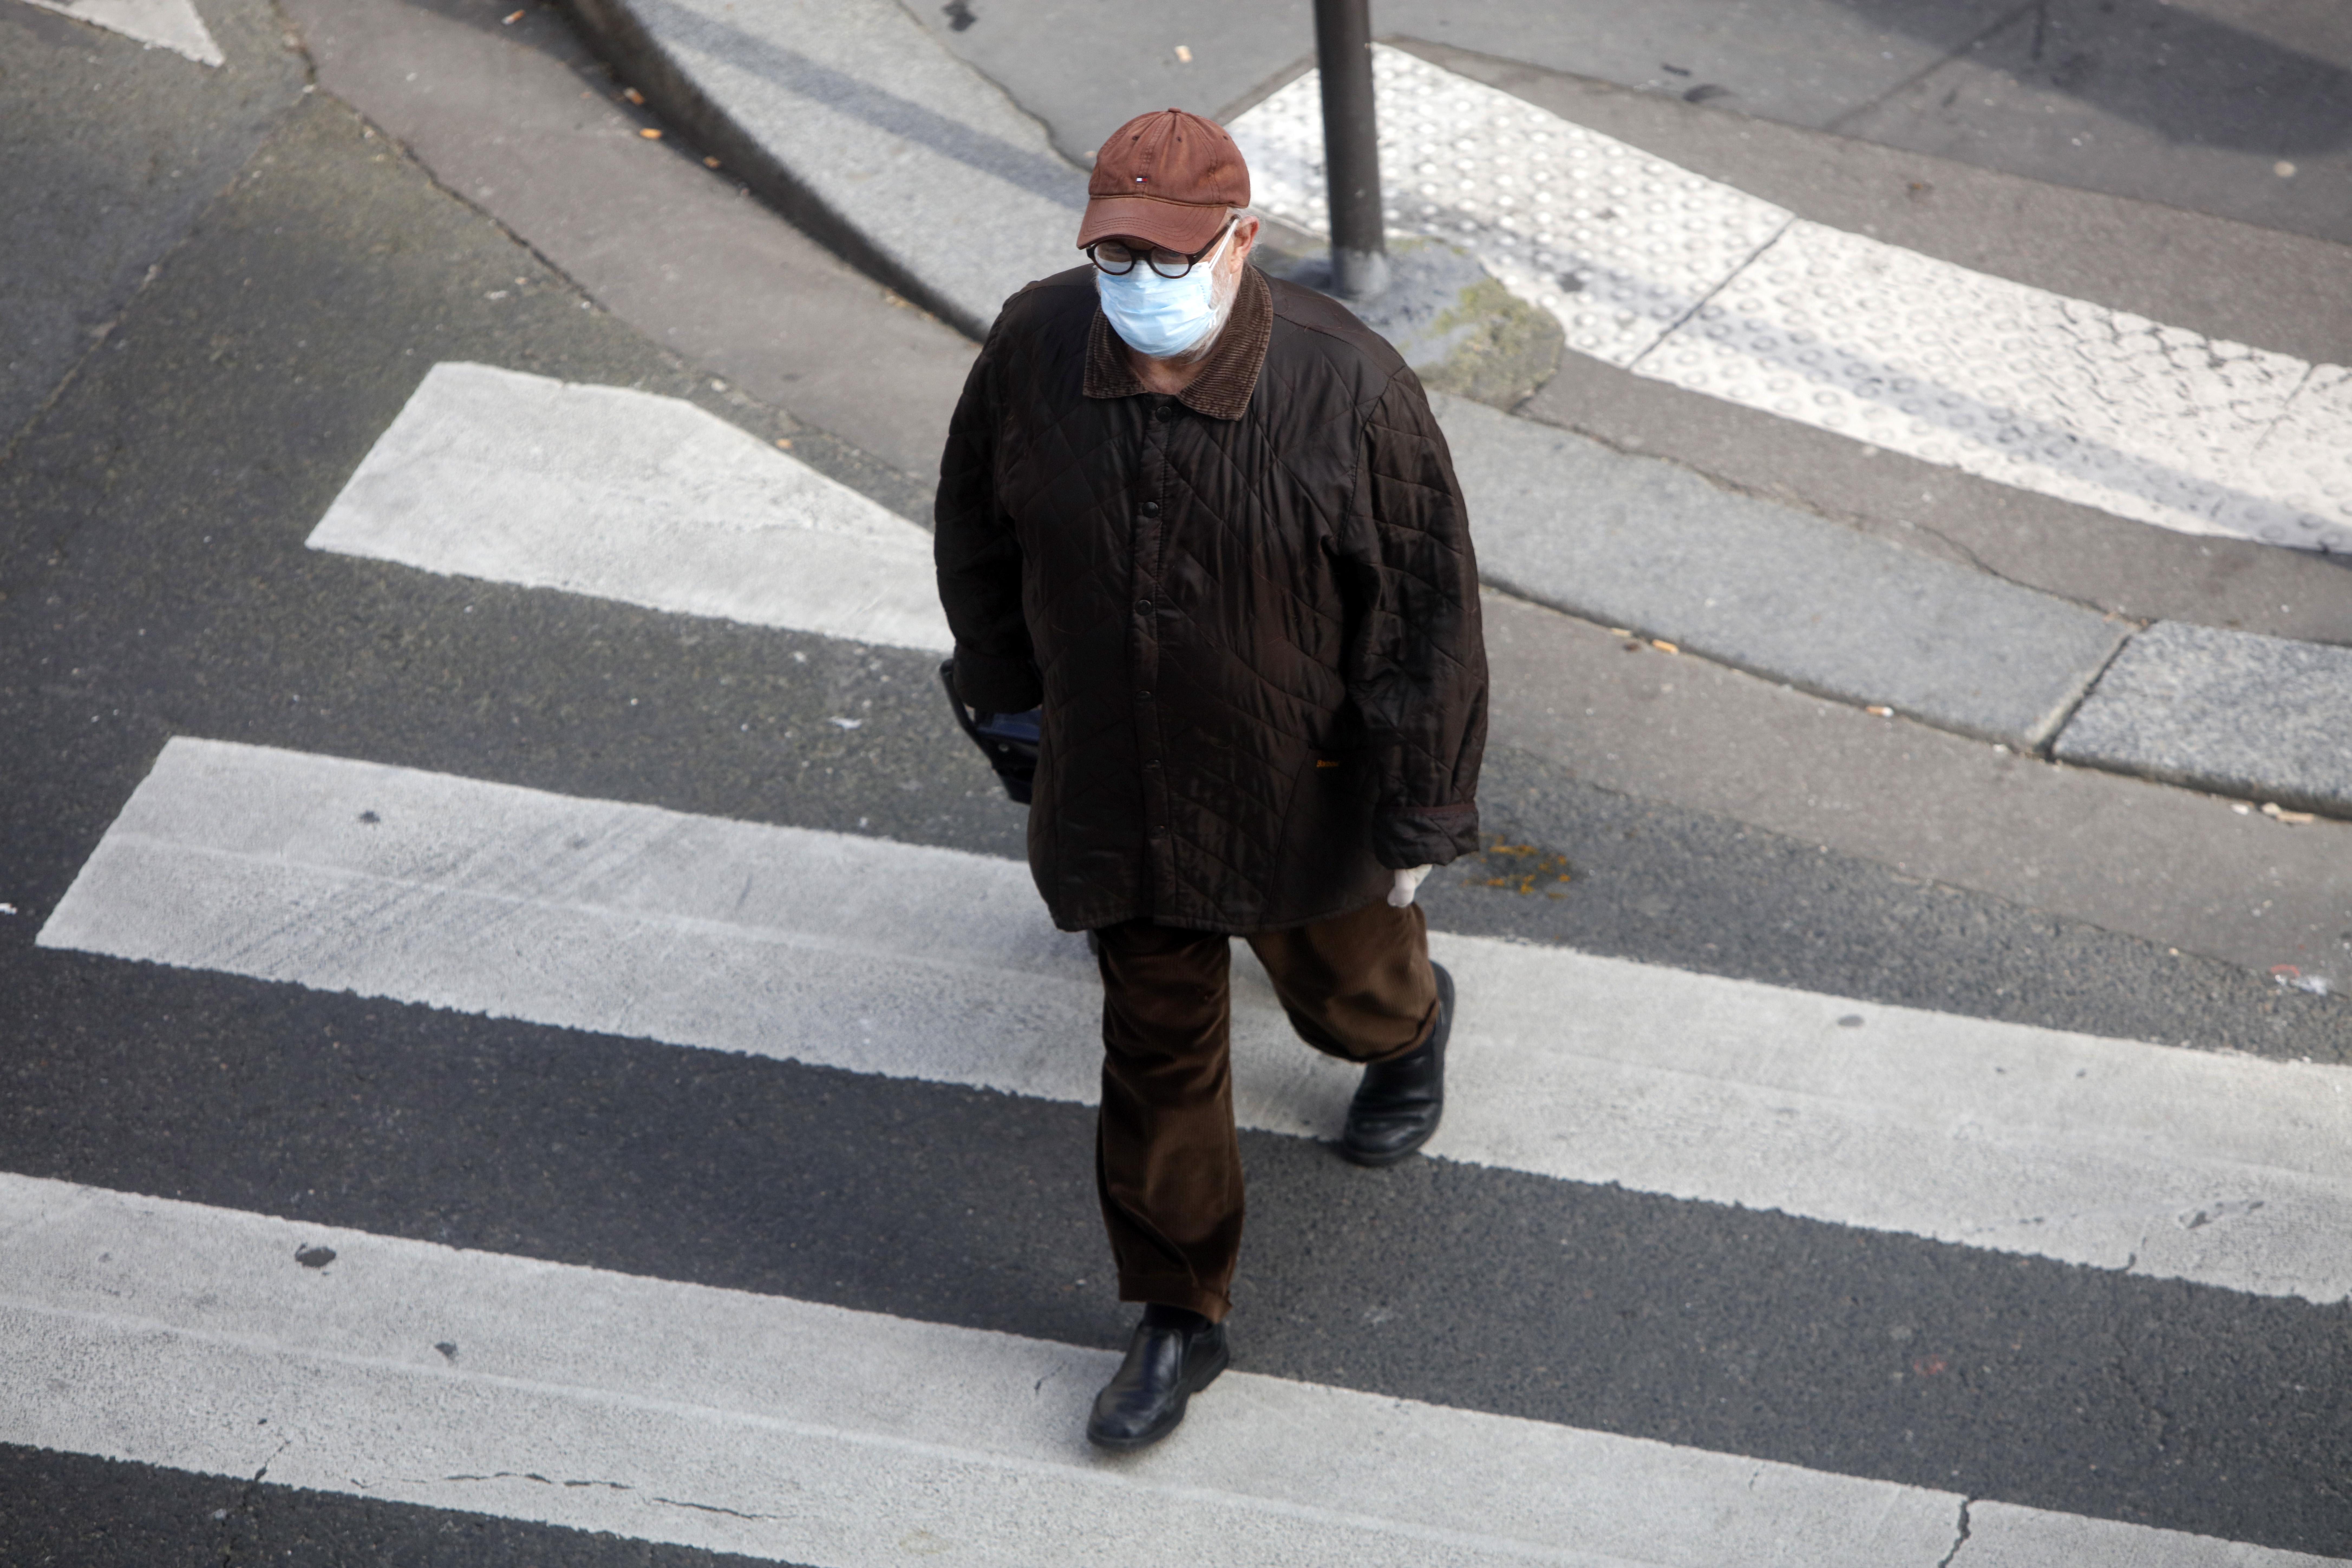 Szabad-e most egy városi sétára indulni?